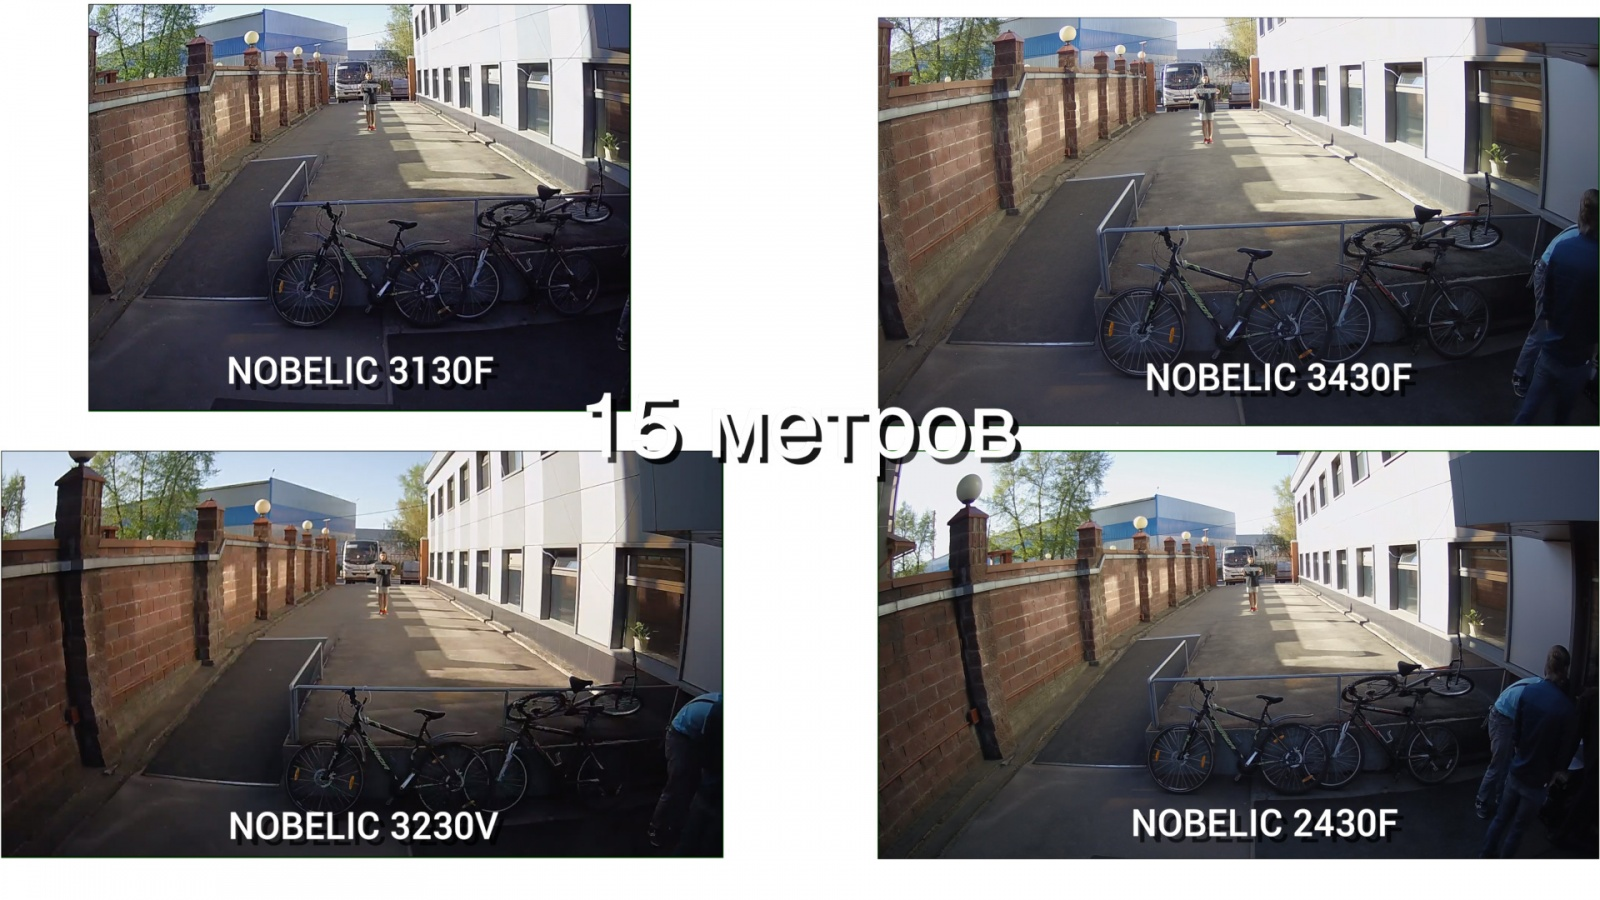 Тест четырех уличных: сравнение IP-камер Nobelic для бизнеса - 9